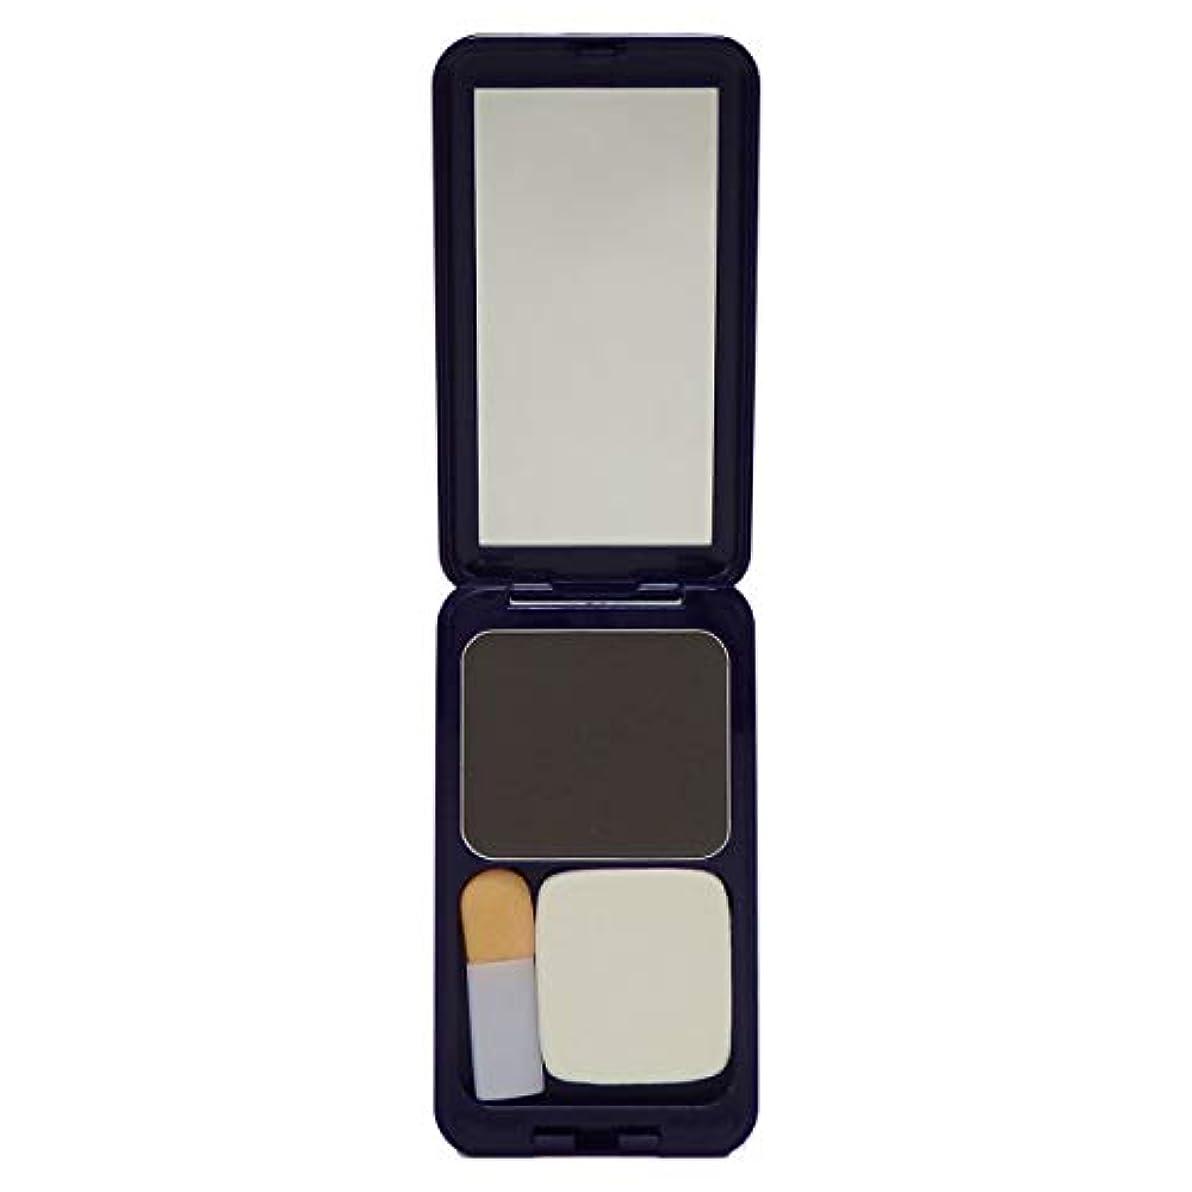 アームストロング同種の形容詞ジュモン 彩髪メーク 白髪隠し ファンデーション 13.5g 鏡付ケース 白髪 薄毛 さっと塗るだけの簡単対策